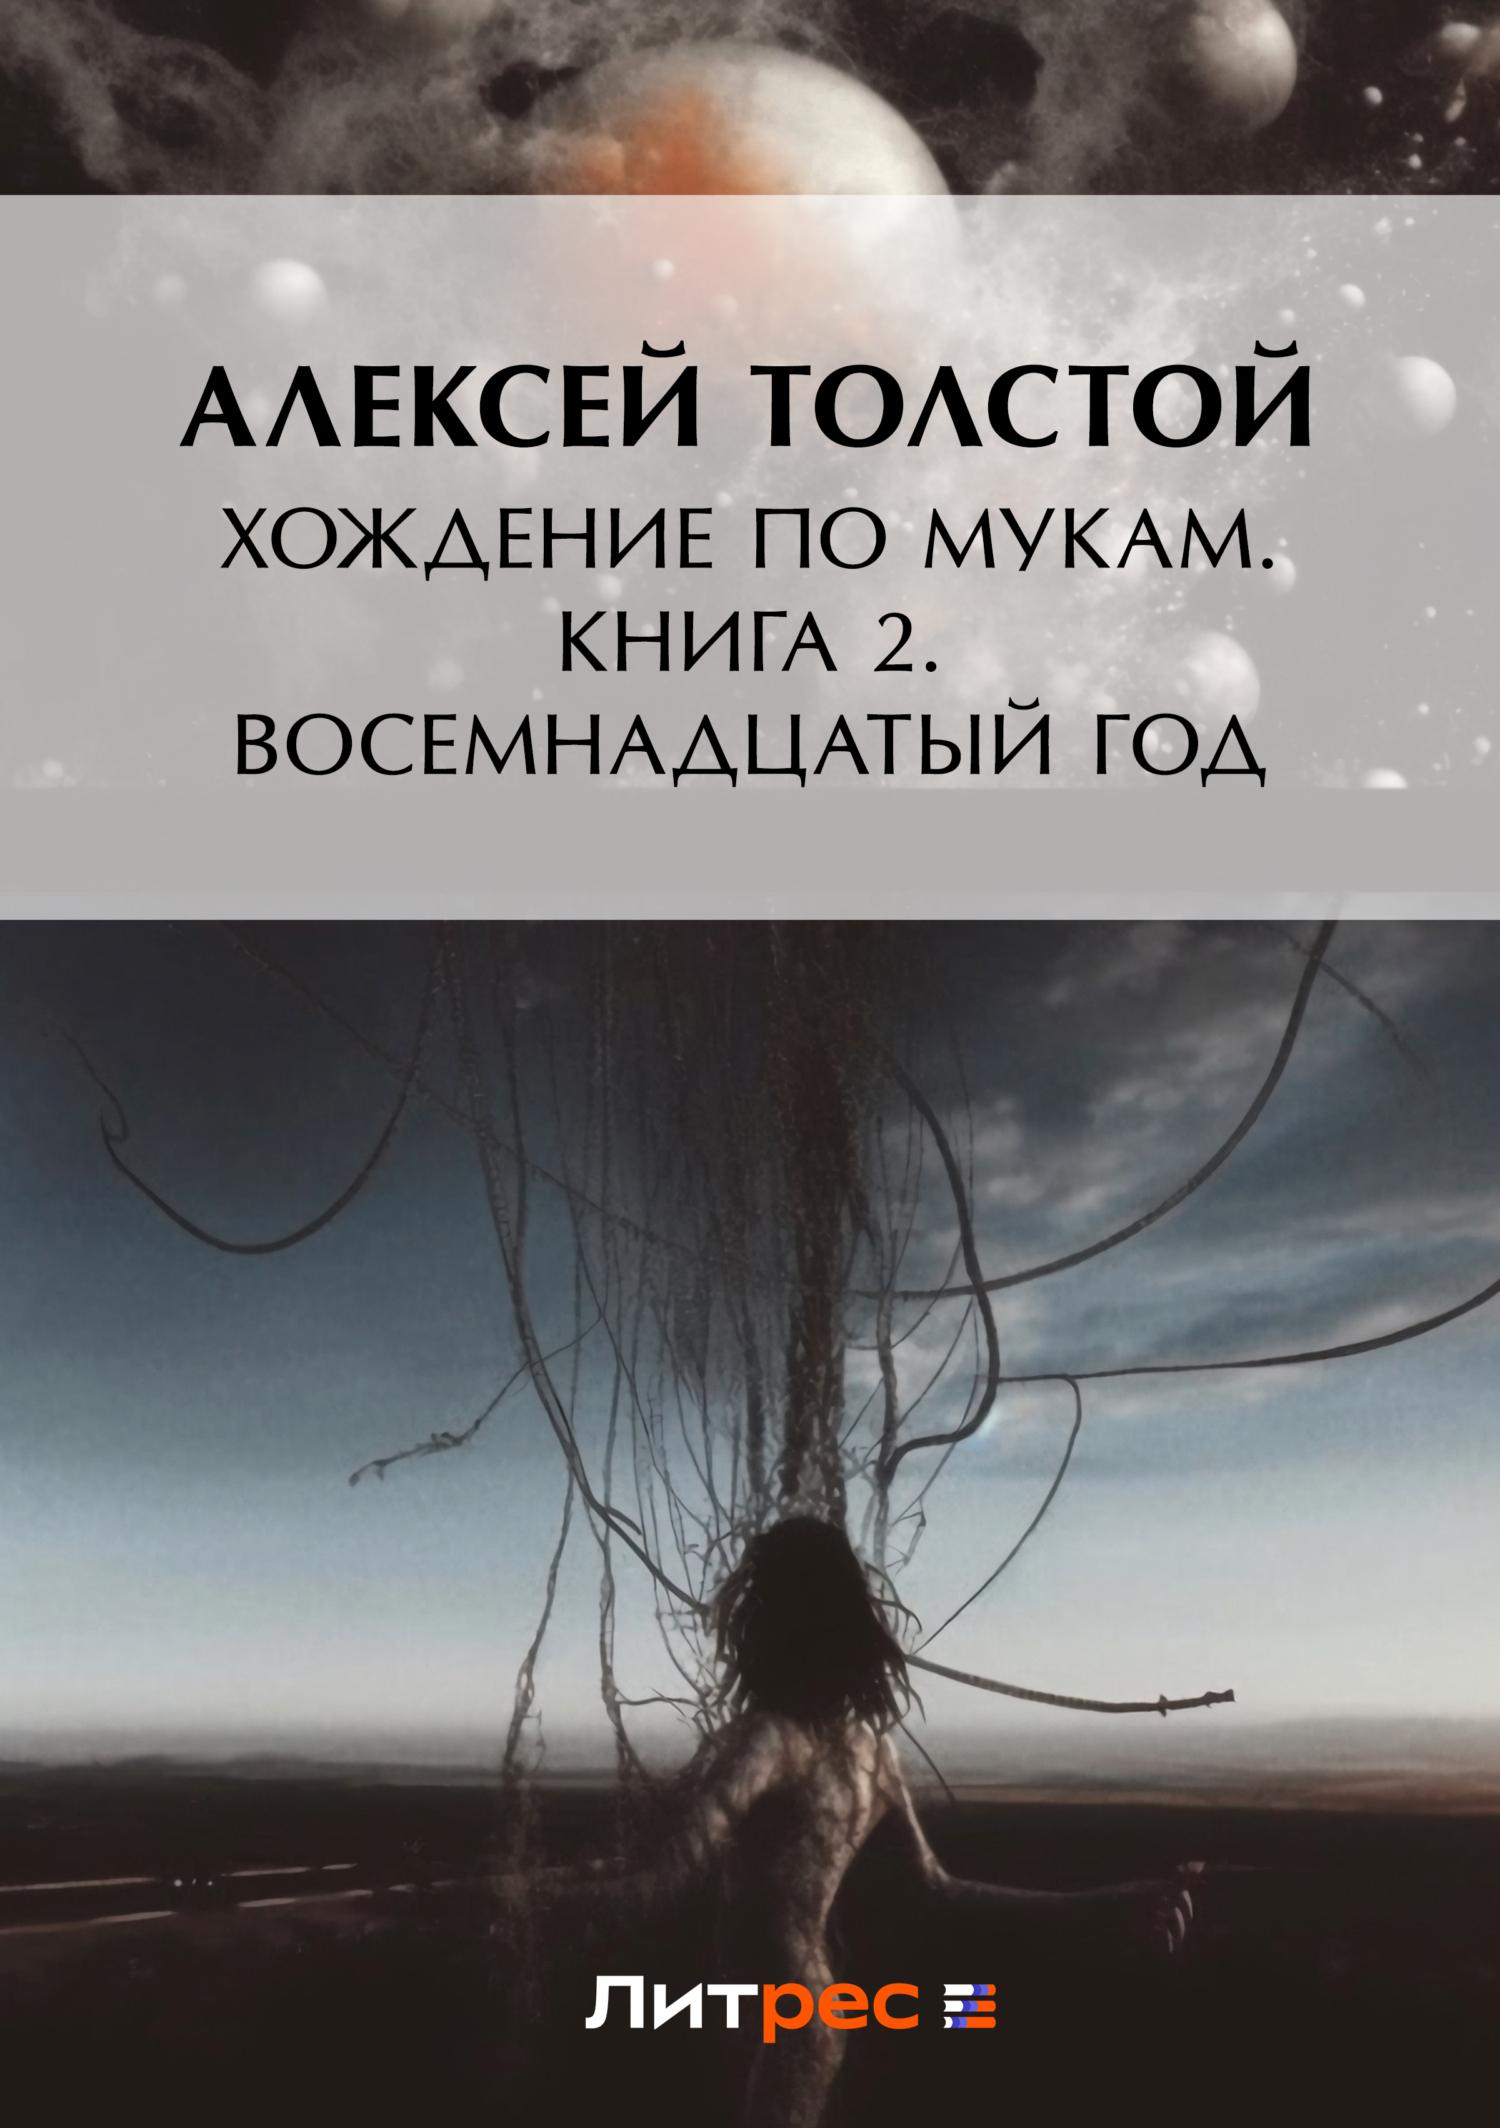 Алексей Толстой Хождение по мукам. Книга 2. Восемнадцатый год